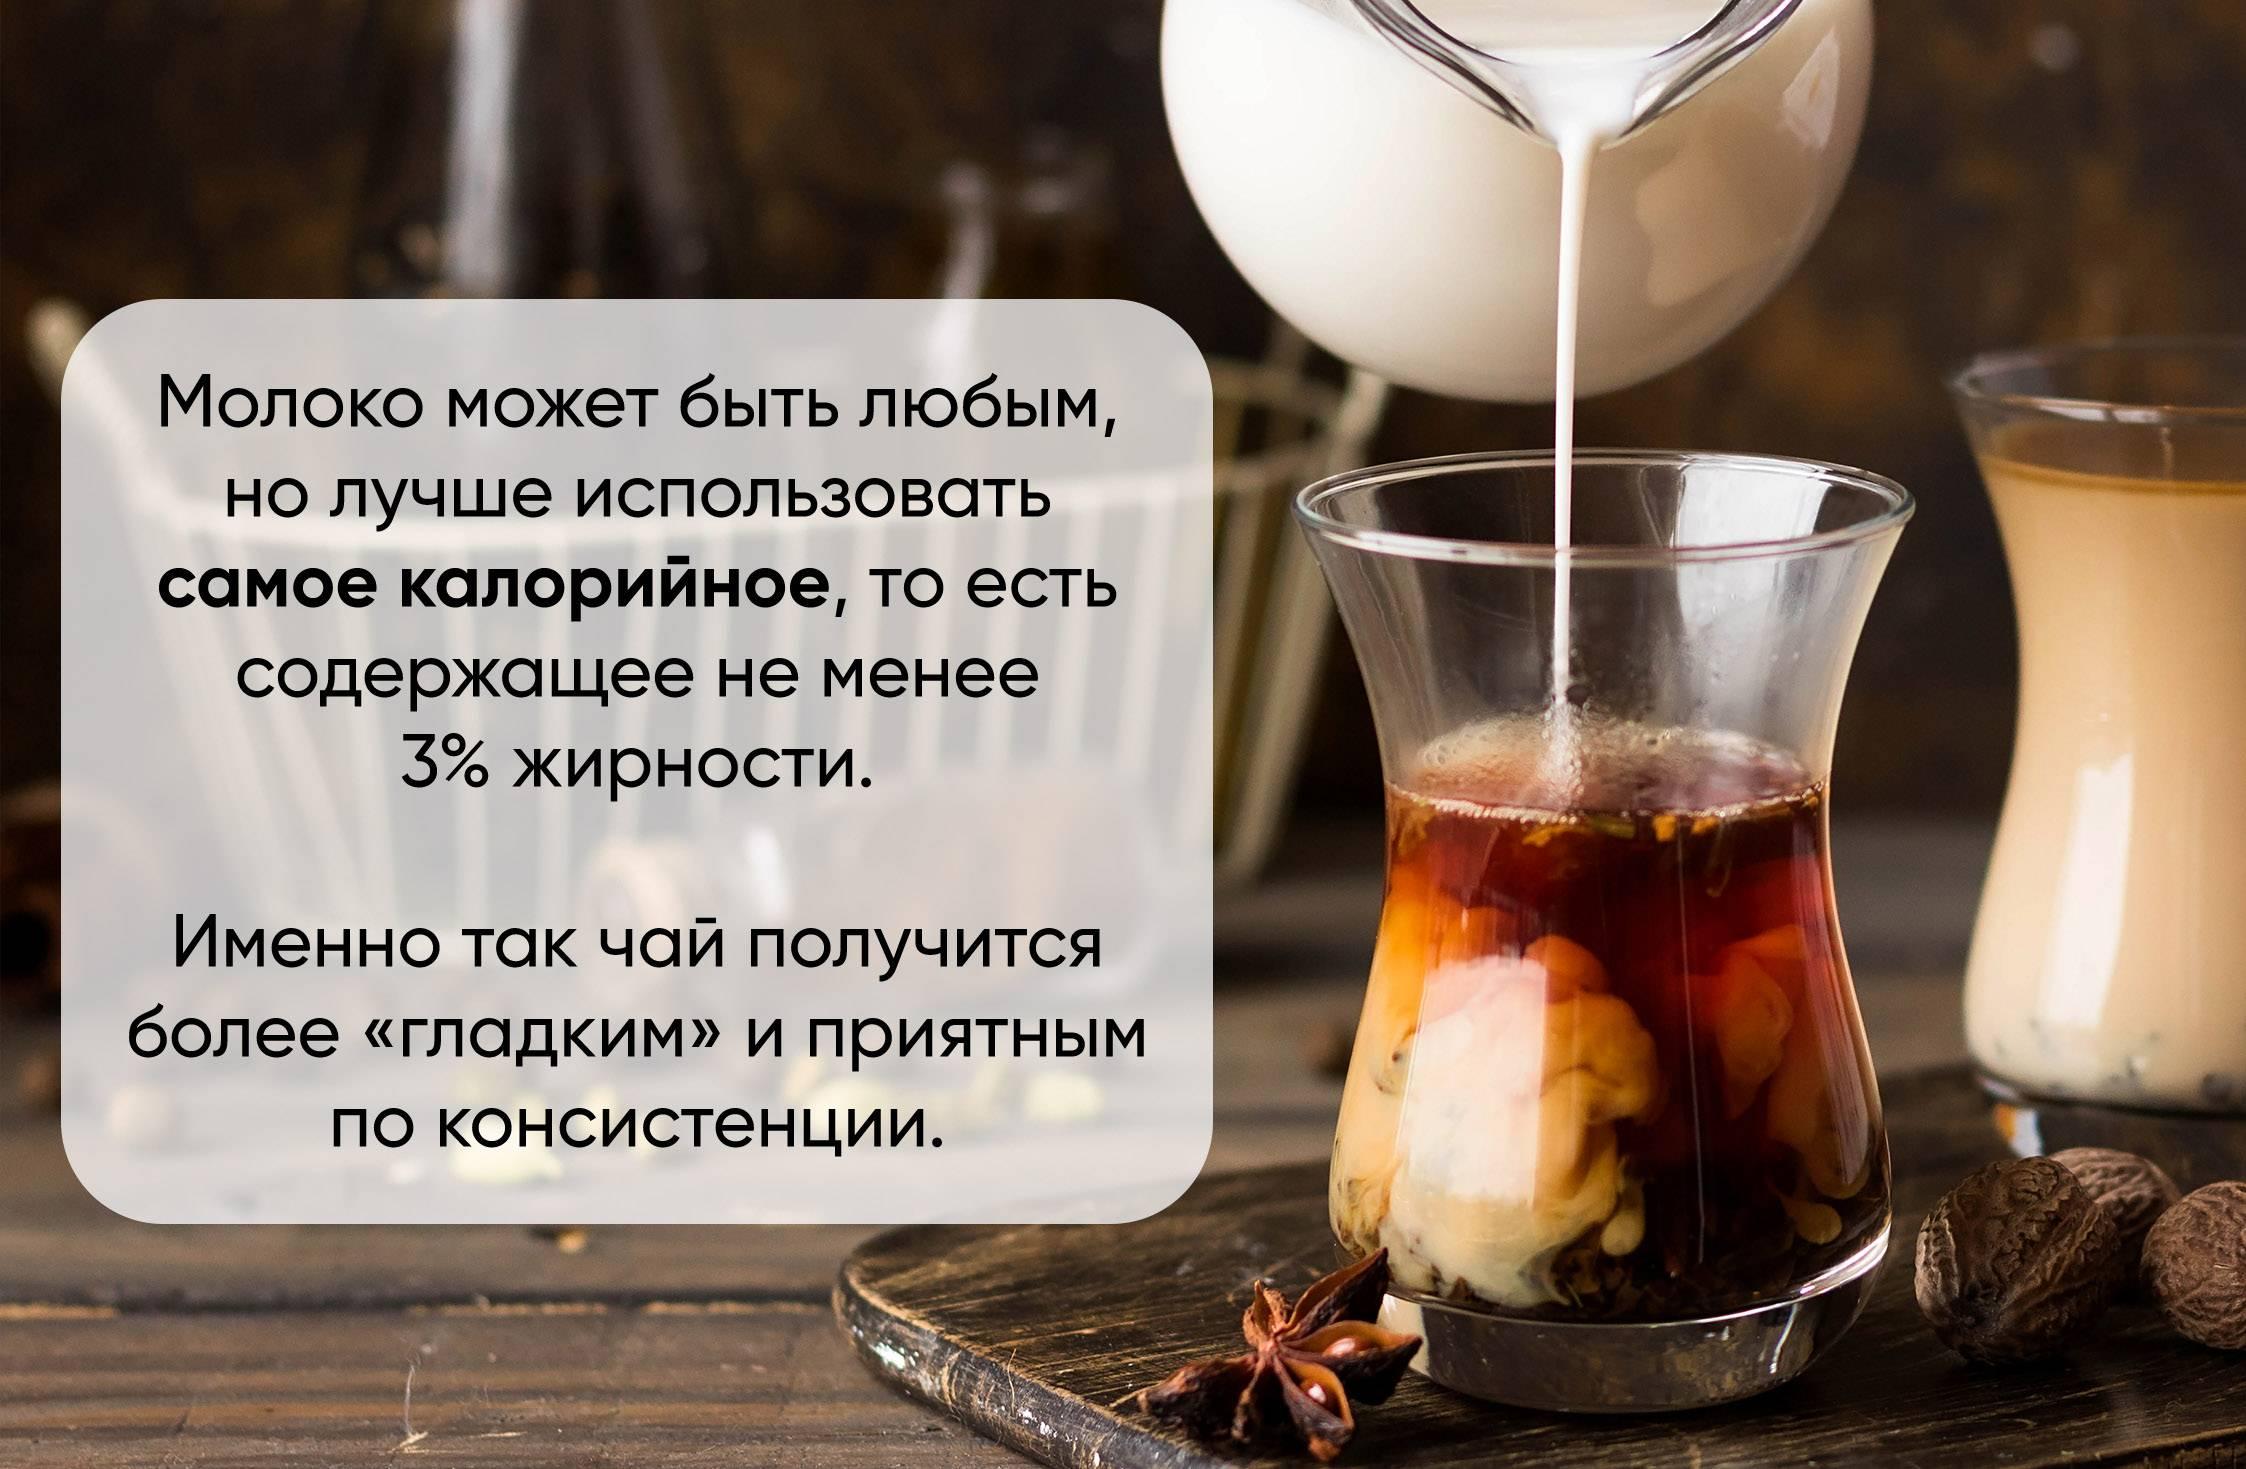 Как варить дома вкусный кофе — что для этого понадобится и каким правилам нужно следовать